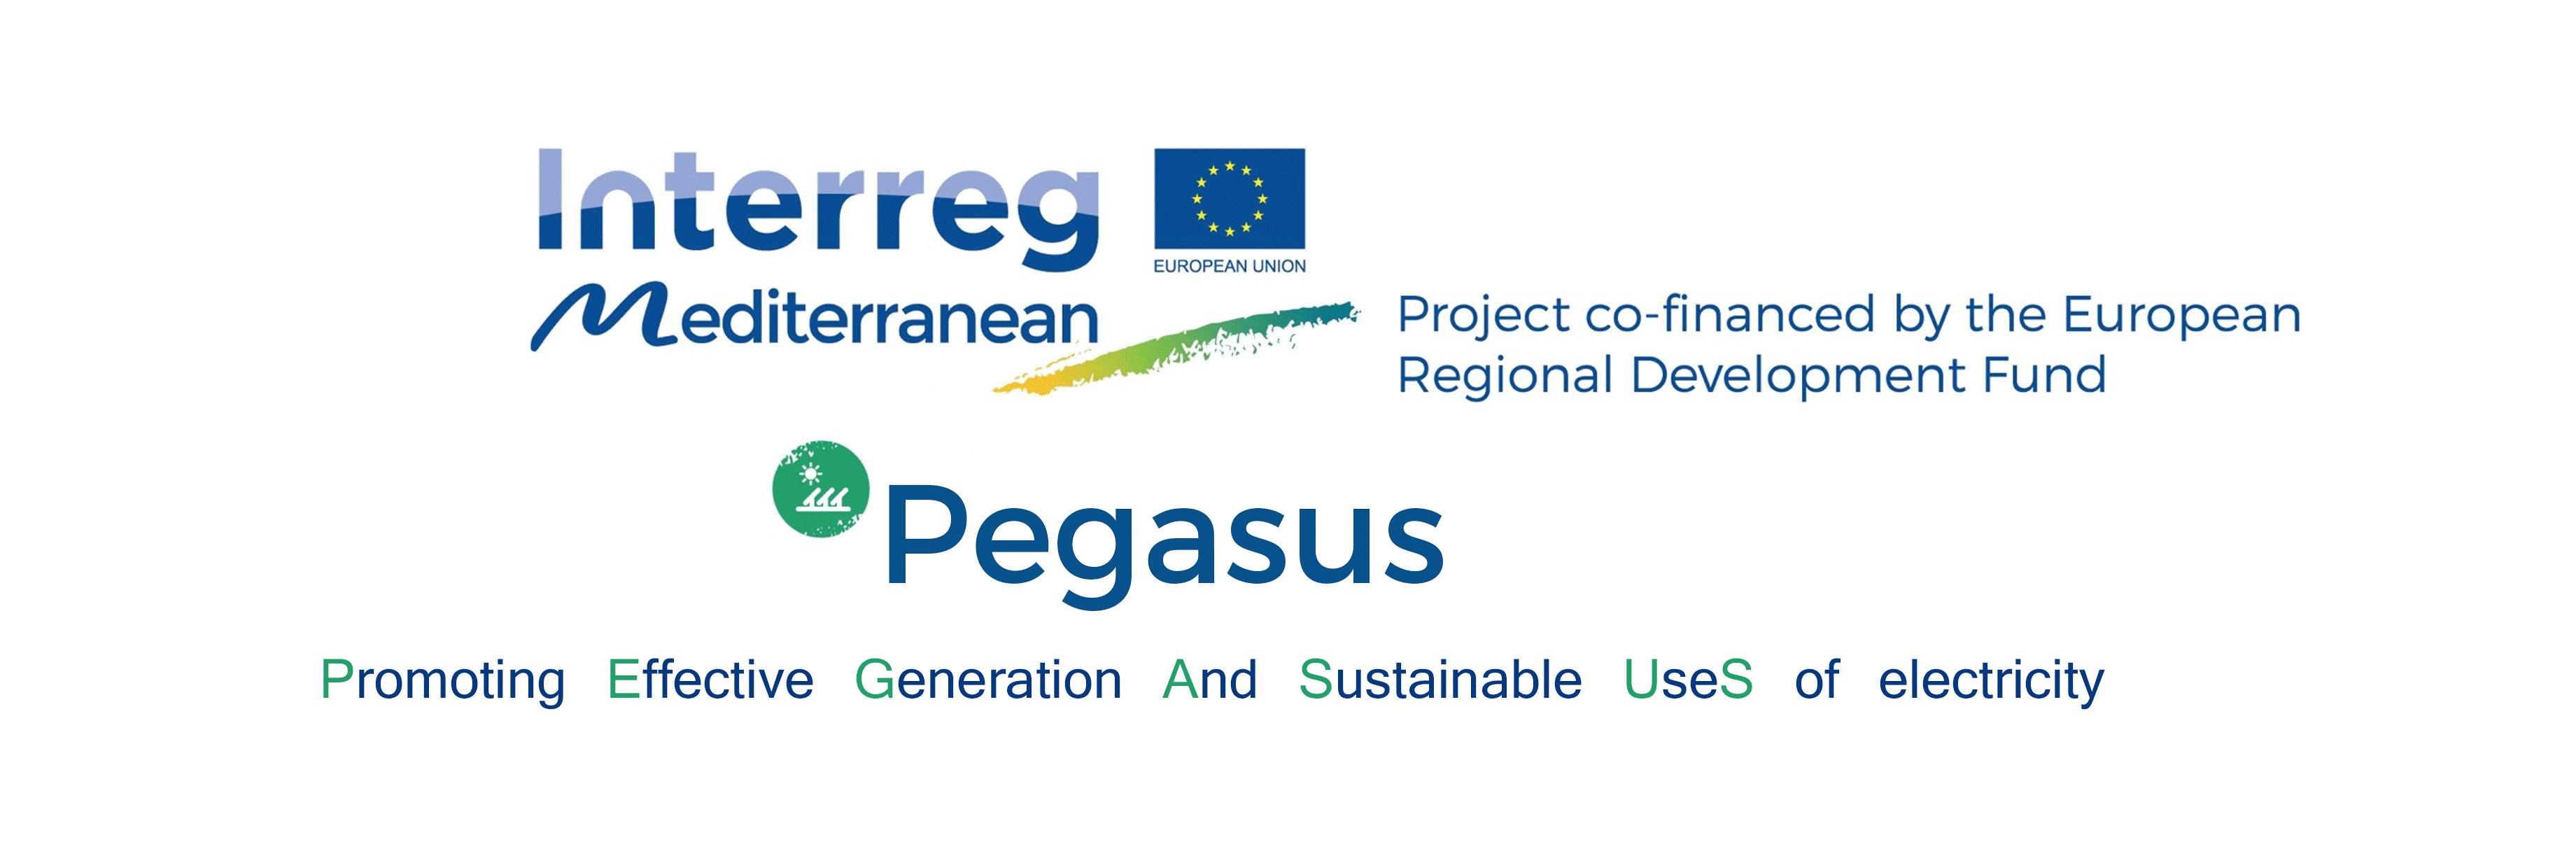 Općini Preko milijun kuna kroz međunarodni projekt PEGASUS